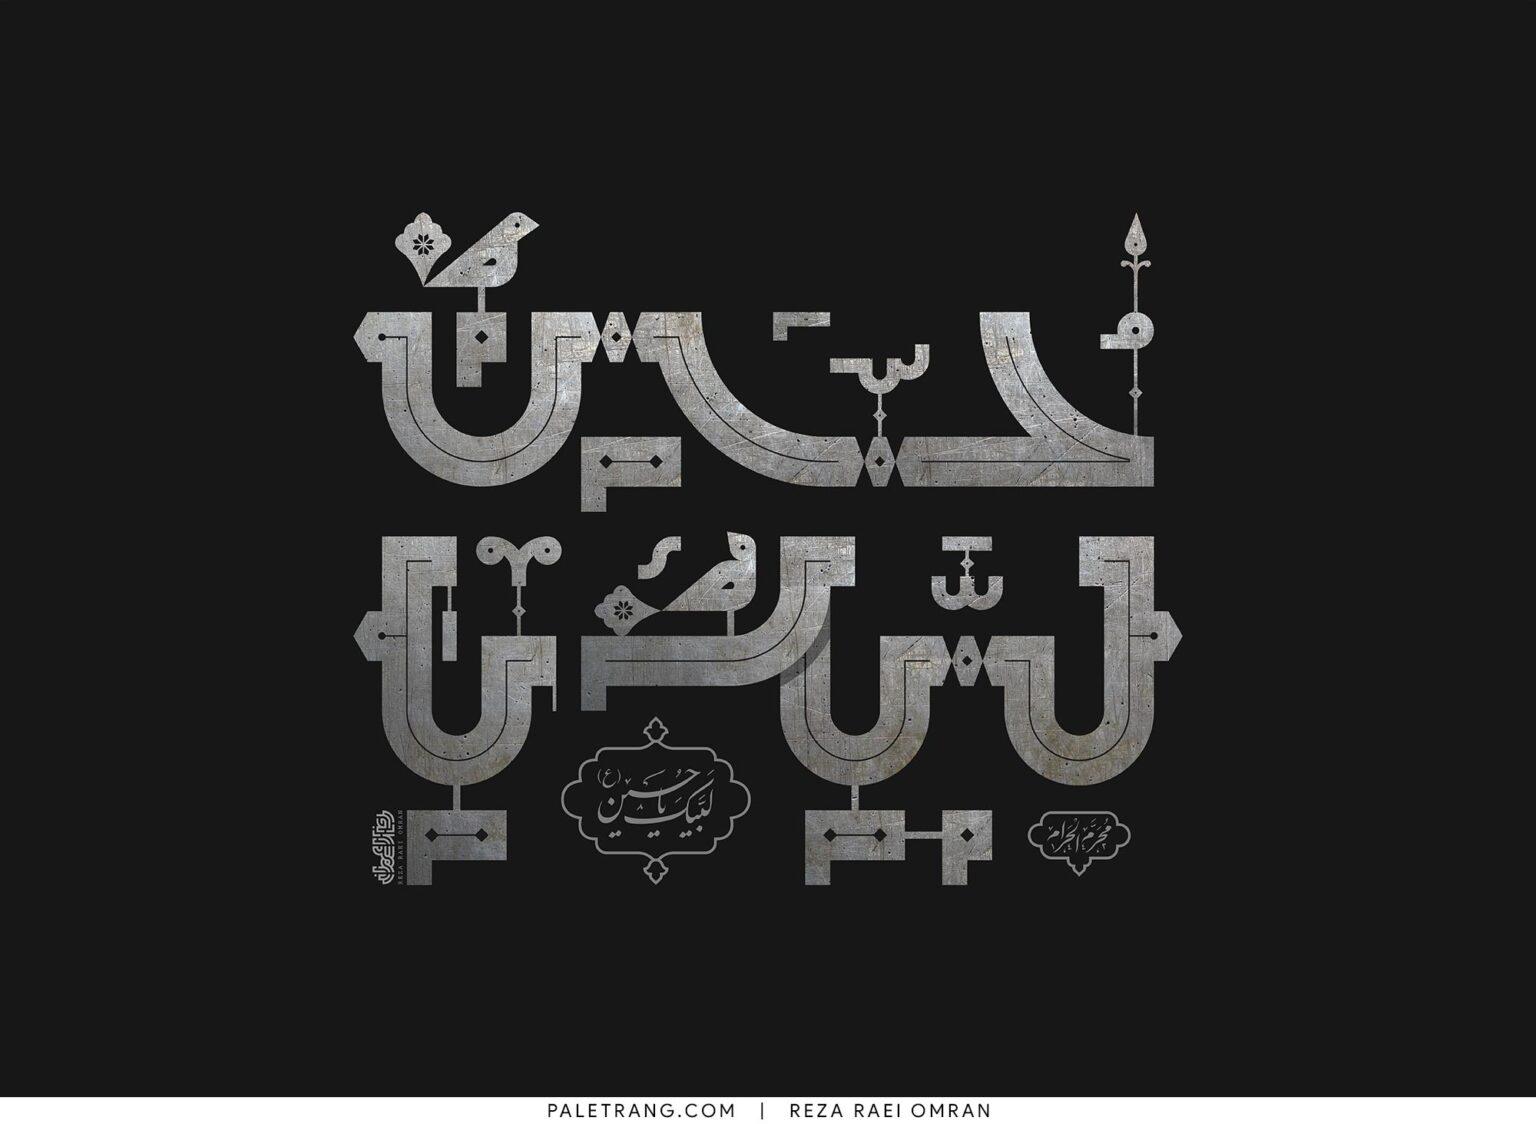 پوستر تایپوگرافی لبیک یا حسین اثر رضا راعی عمران